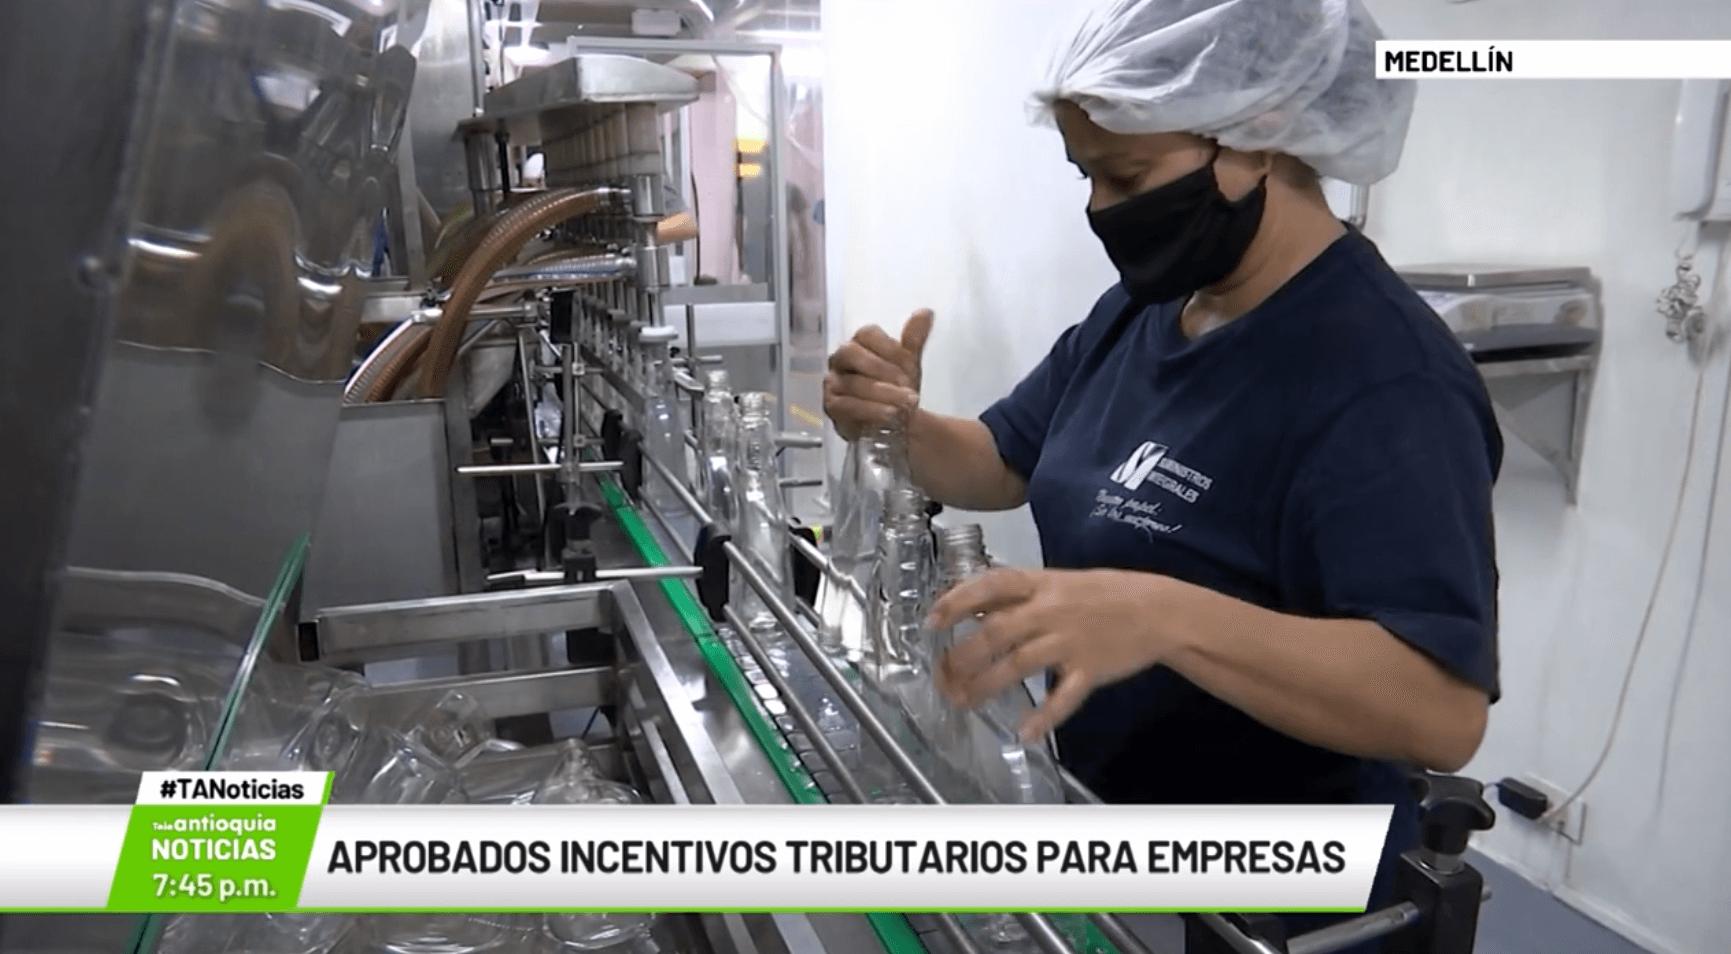 Aprobados incentivos tributarios para empresas